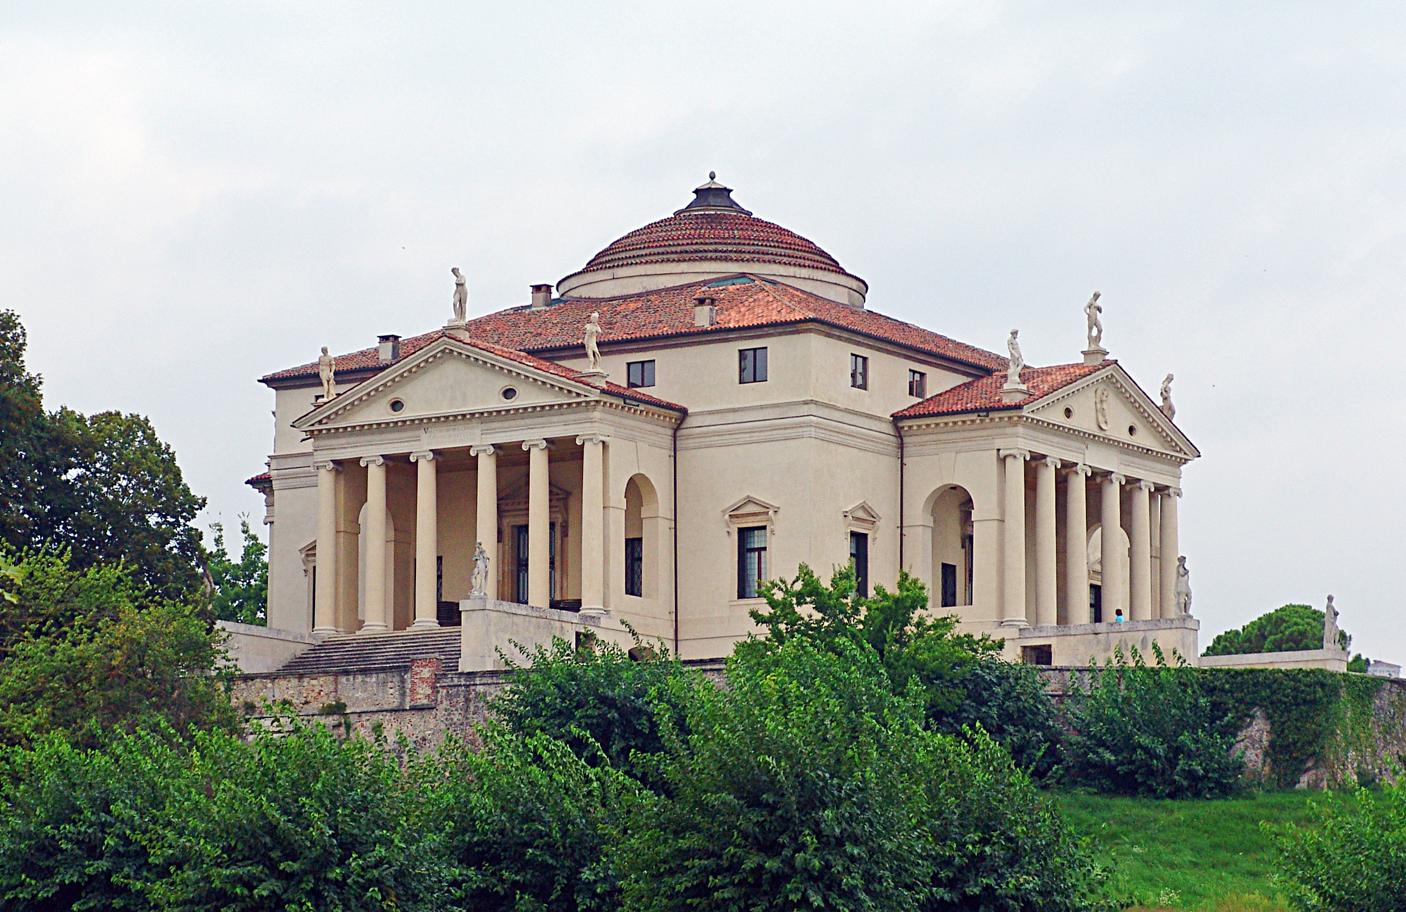 La Rotonda vagy Villa Almerico-Capra<br /><br />Ez a szimmetrikus elrendezésű villa az egyik legjelentősebb alkotása. A centrális épület mind a négy oldalán monumentális portikusz található, középen emelkedik ki a központi teret fedő kupola.<br /><br />Kép: Wikimedia Commons / Philip Schäfer